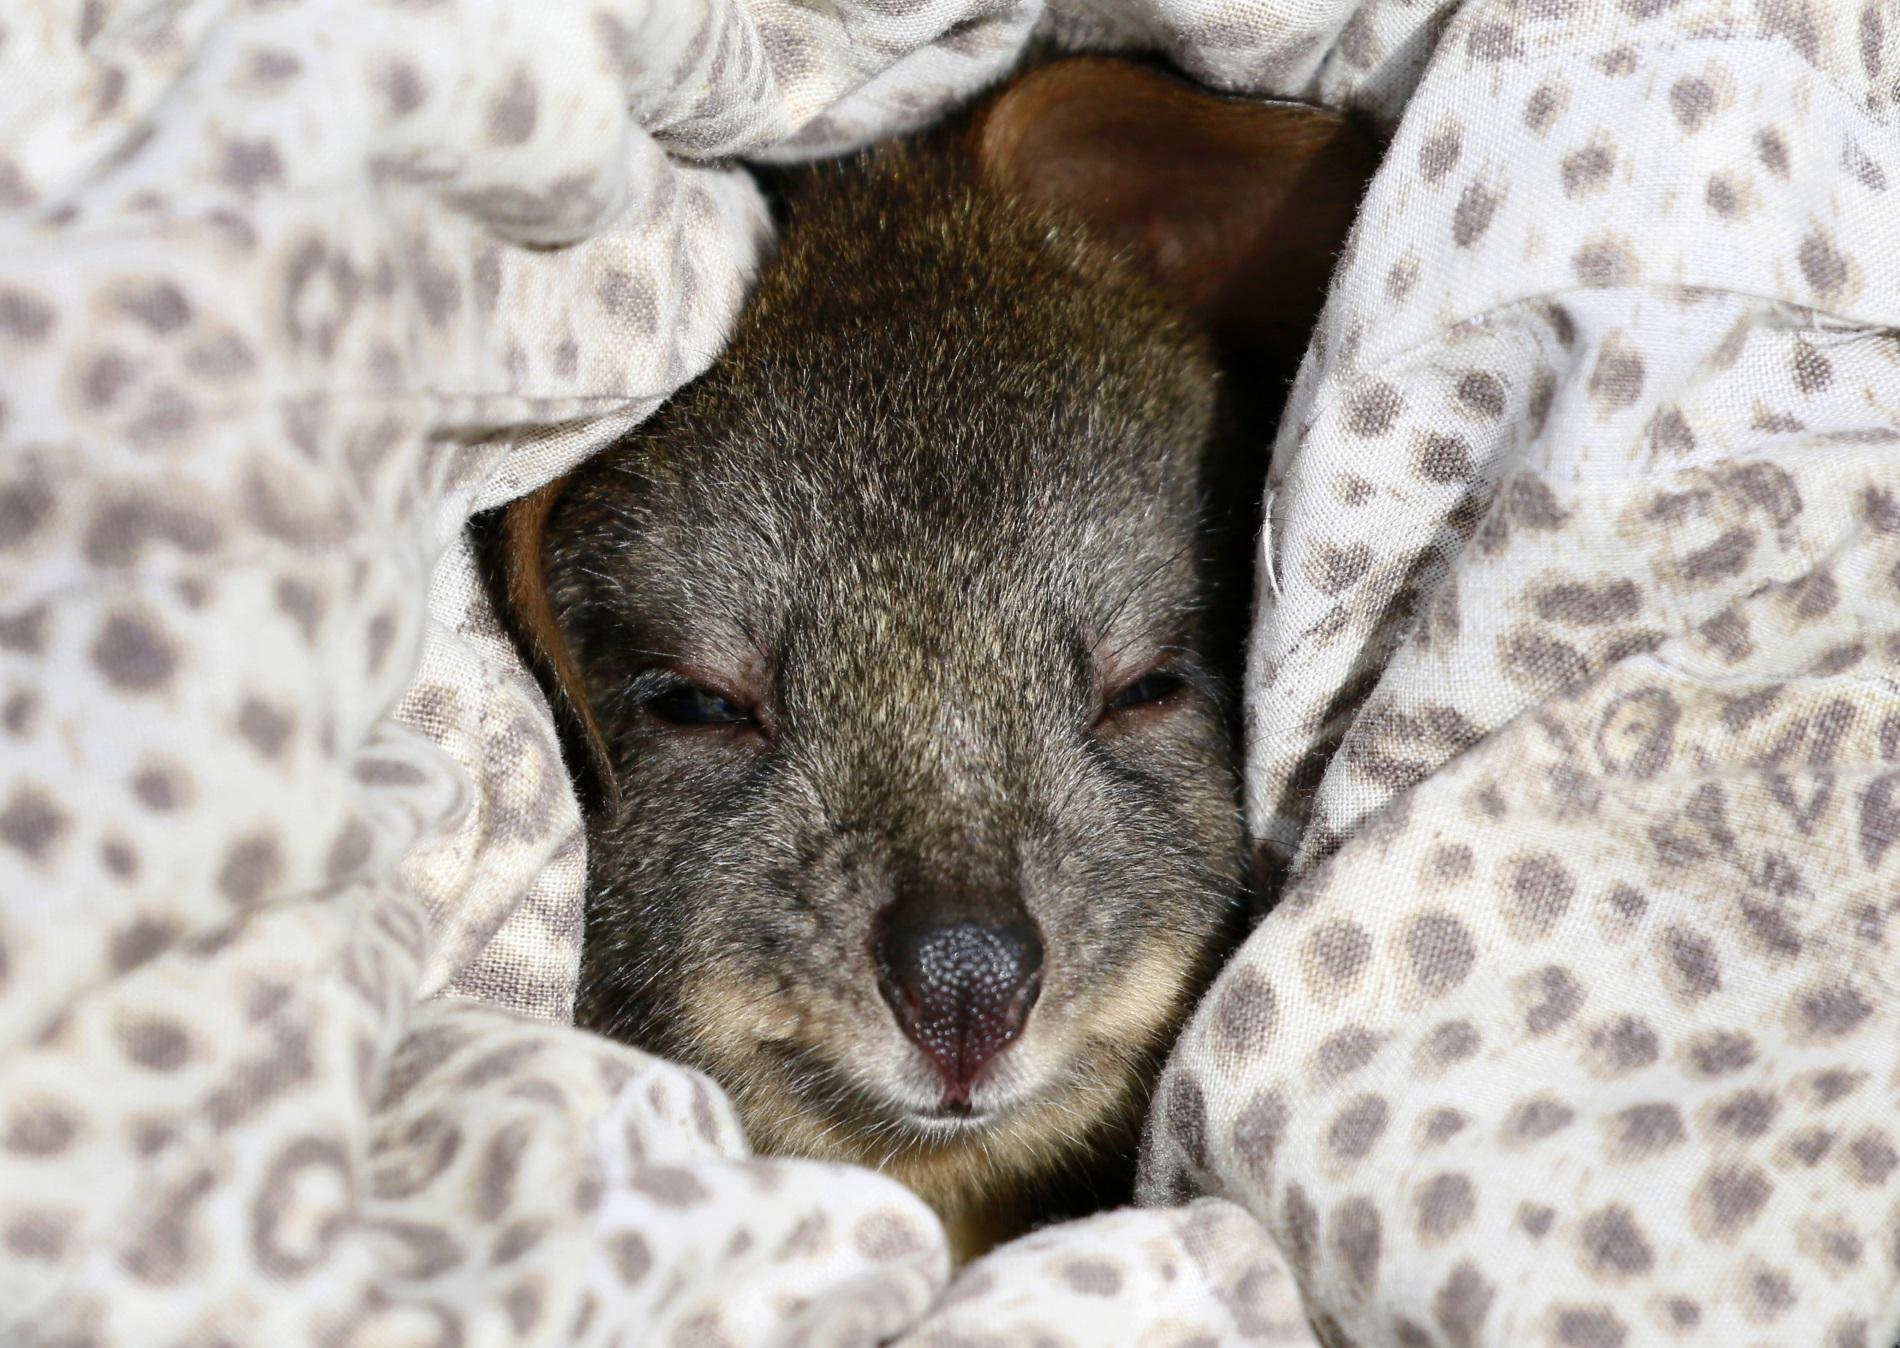 Тасманийски падемелон на име Тре, за когото се грижат доброволци. Тежащото само 460 г. животинче е било открито до майка си, ударена от кола и убита.